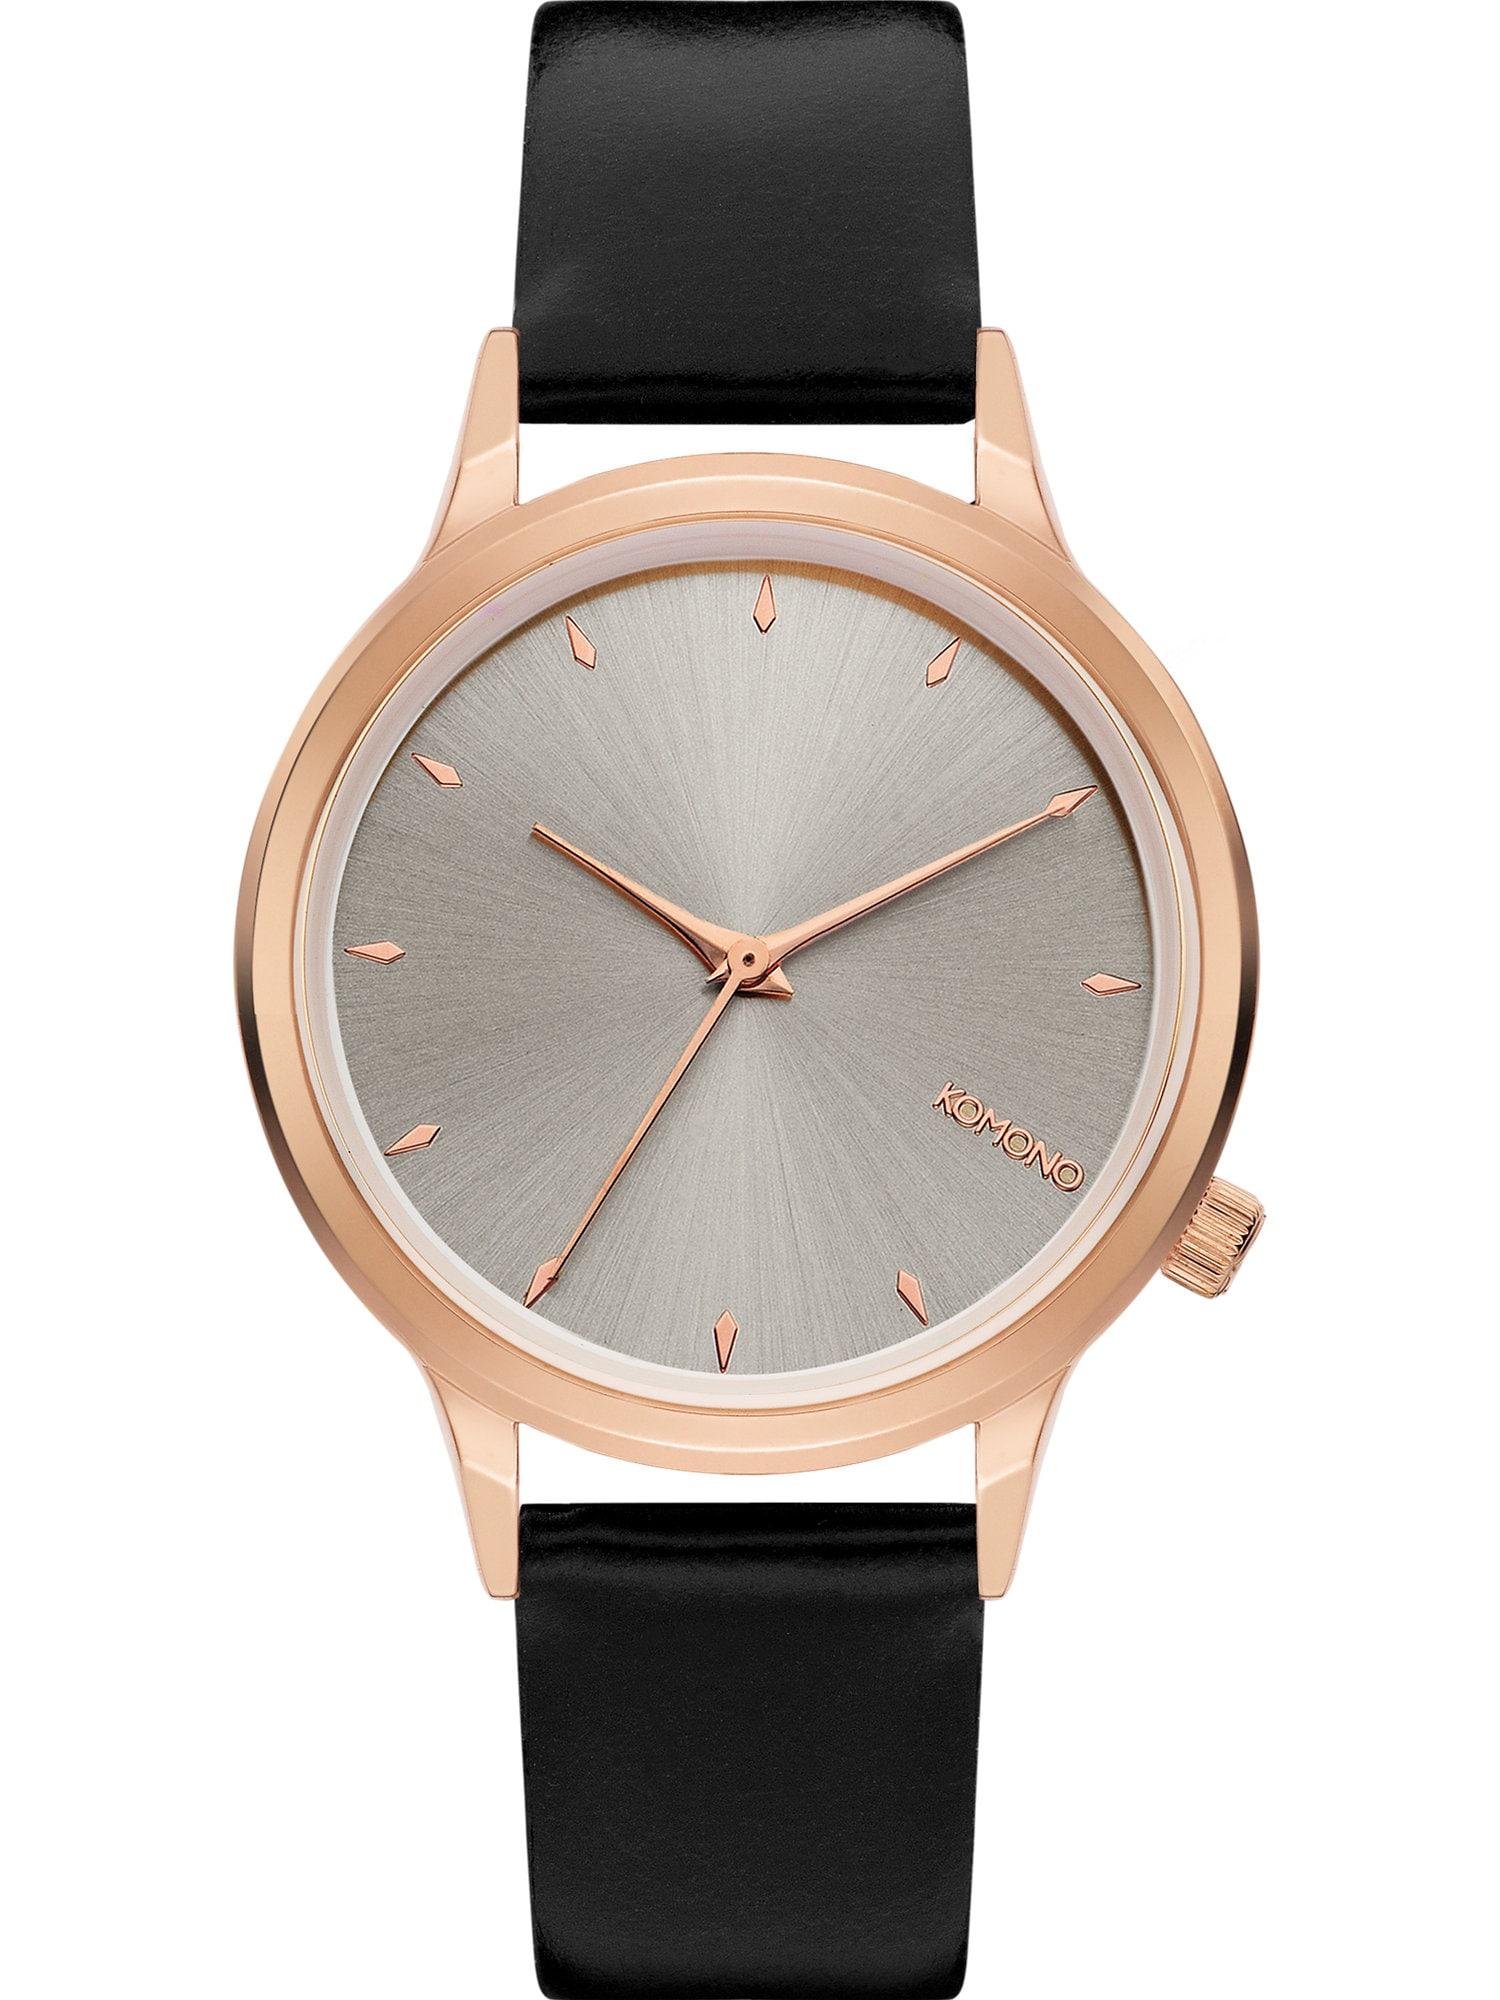 Analogové hodinky Lexi růžově zlatá kouřově šedá černá Komono